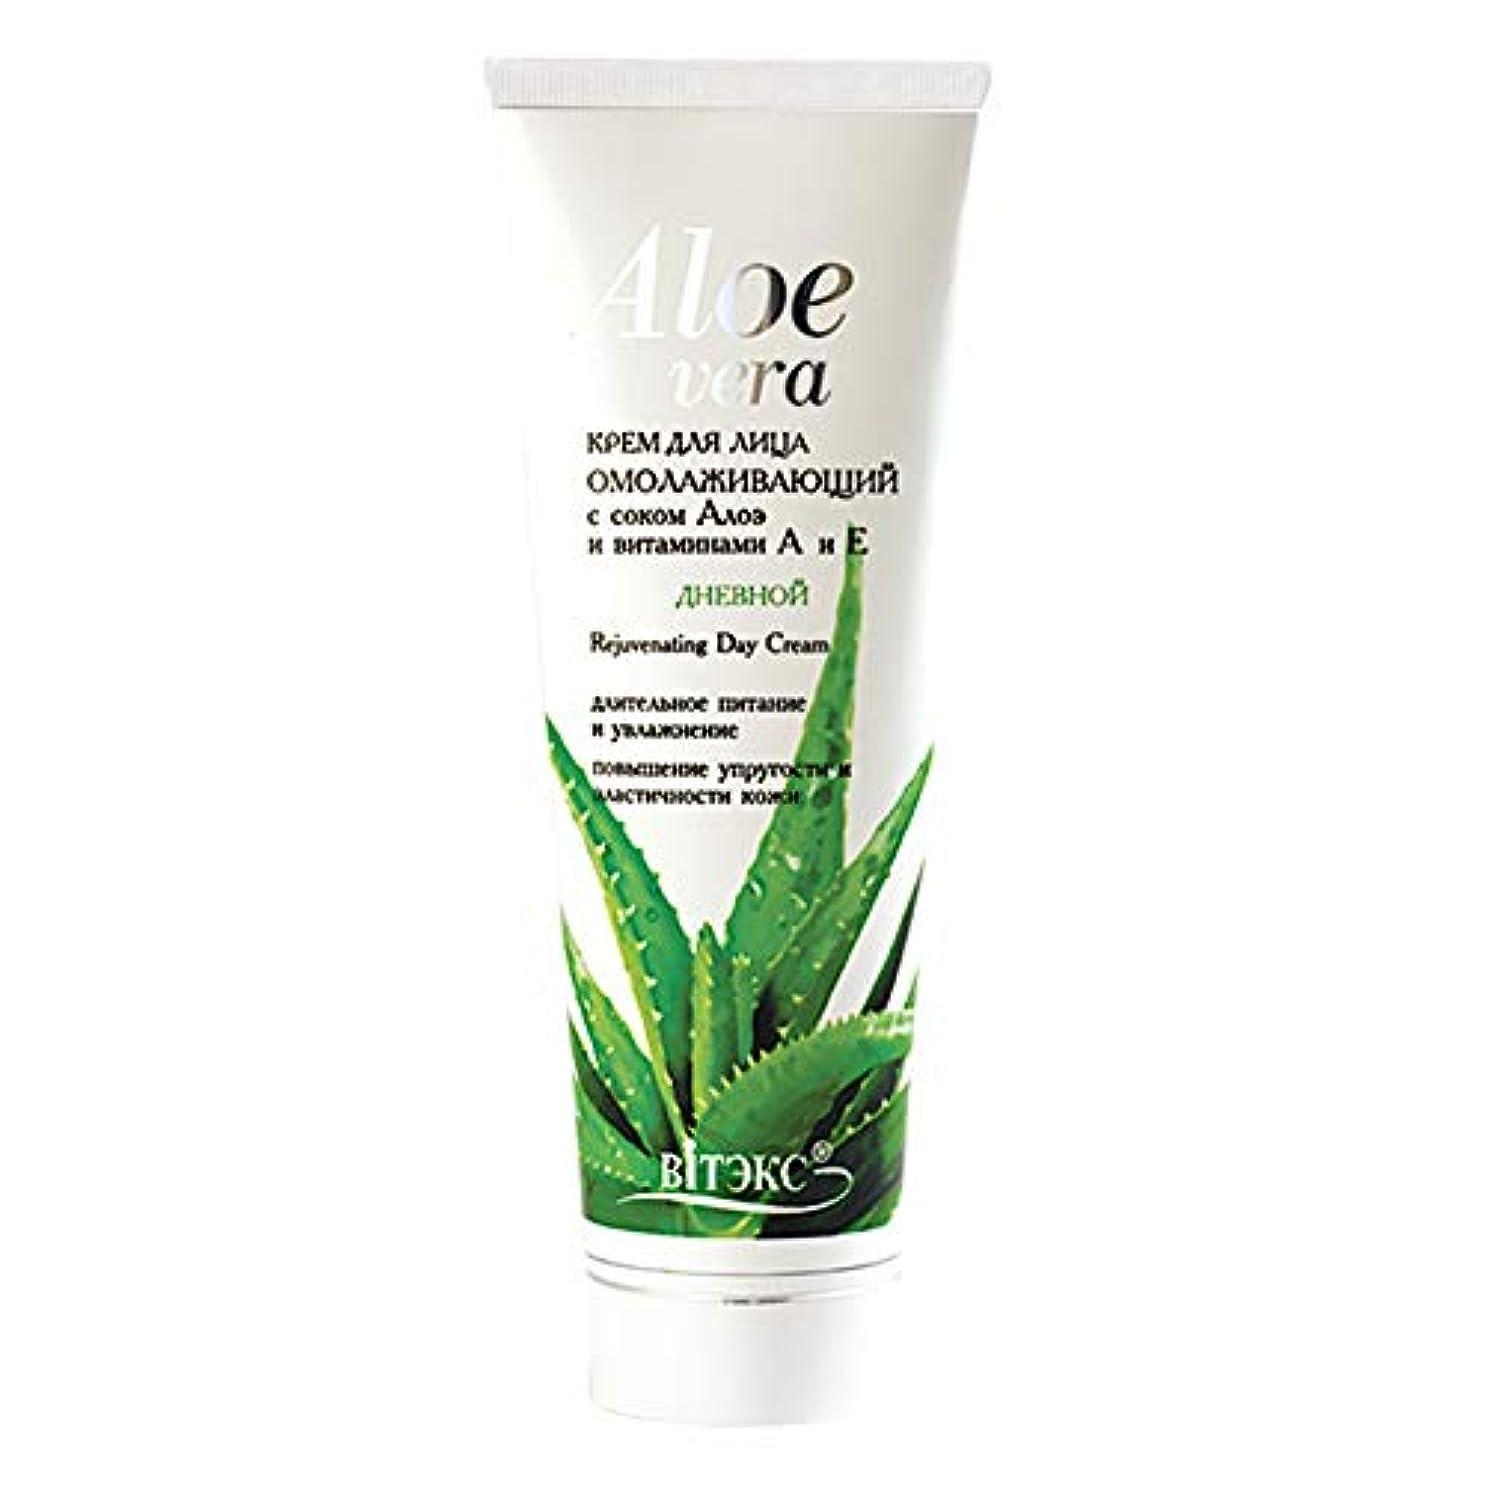 Bielita & Vitex | Aloe Vera Line | Face Day Cream 30+ for All Skin Types | Aloe Juice | Vitamins A and E | 75 ml